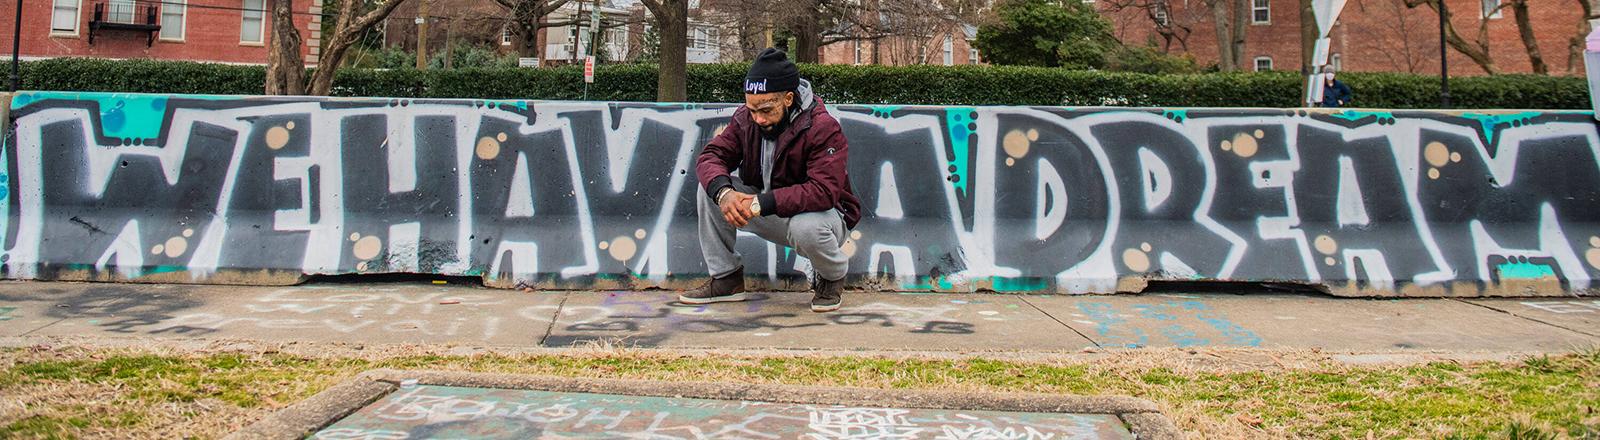 """In Richmond, USA sitzt ein junger Schwarzer vor dem Graffito: """"We have a Dream"""" (18.01.2021)"""